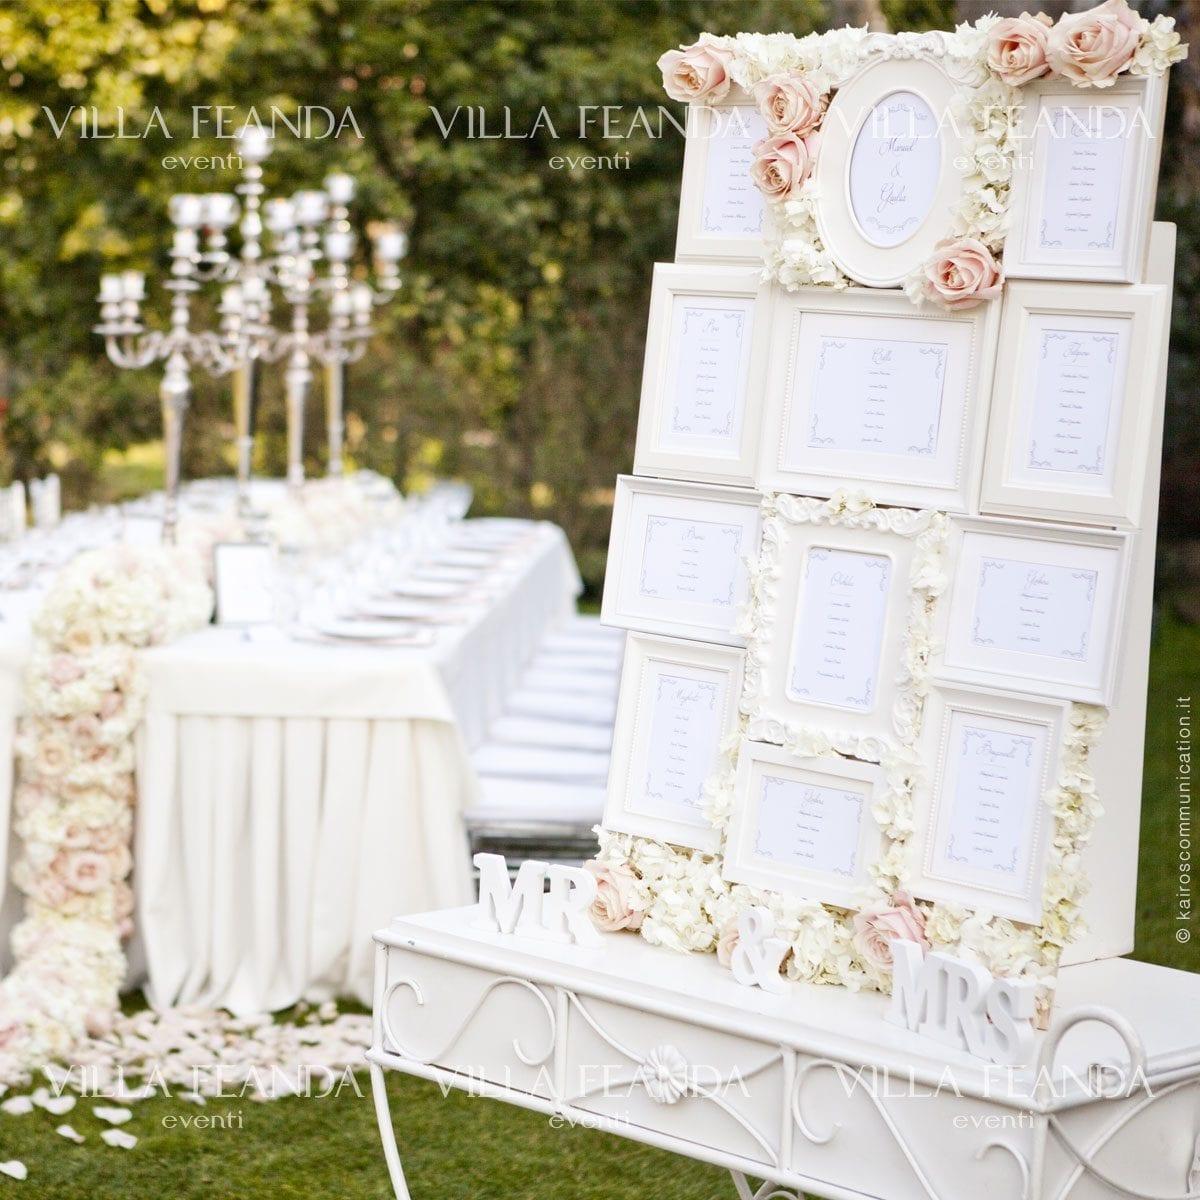 Tableau Matrimonio Azzurro : Tableau de mariage idee e consigli villa feanda eventi